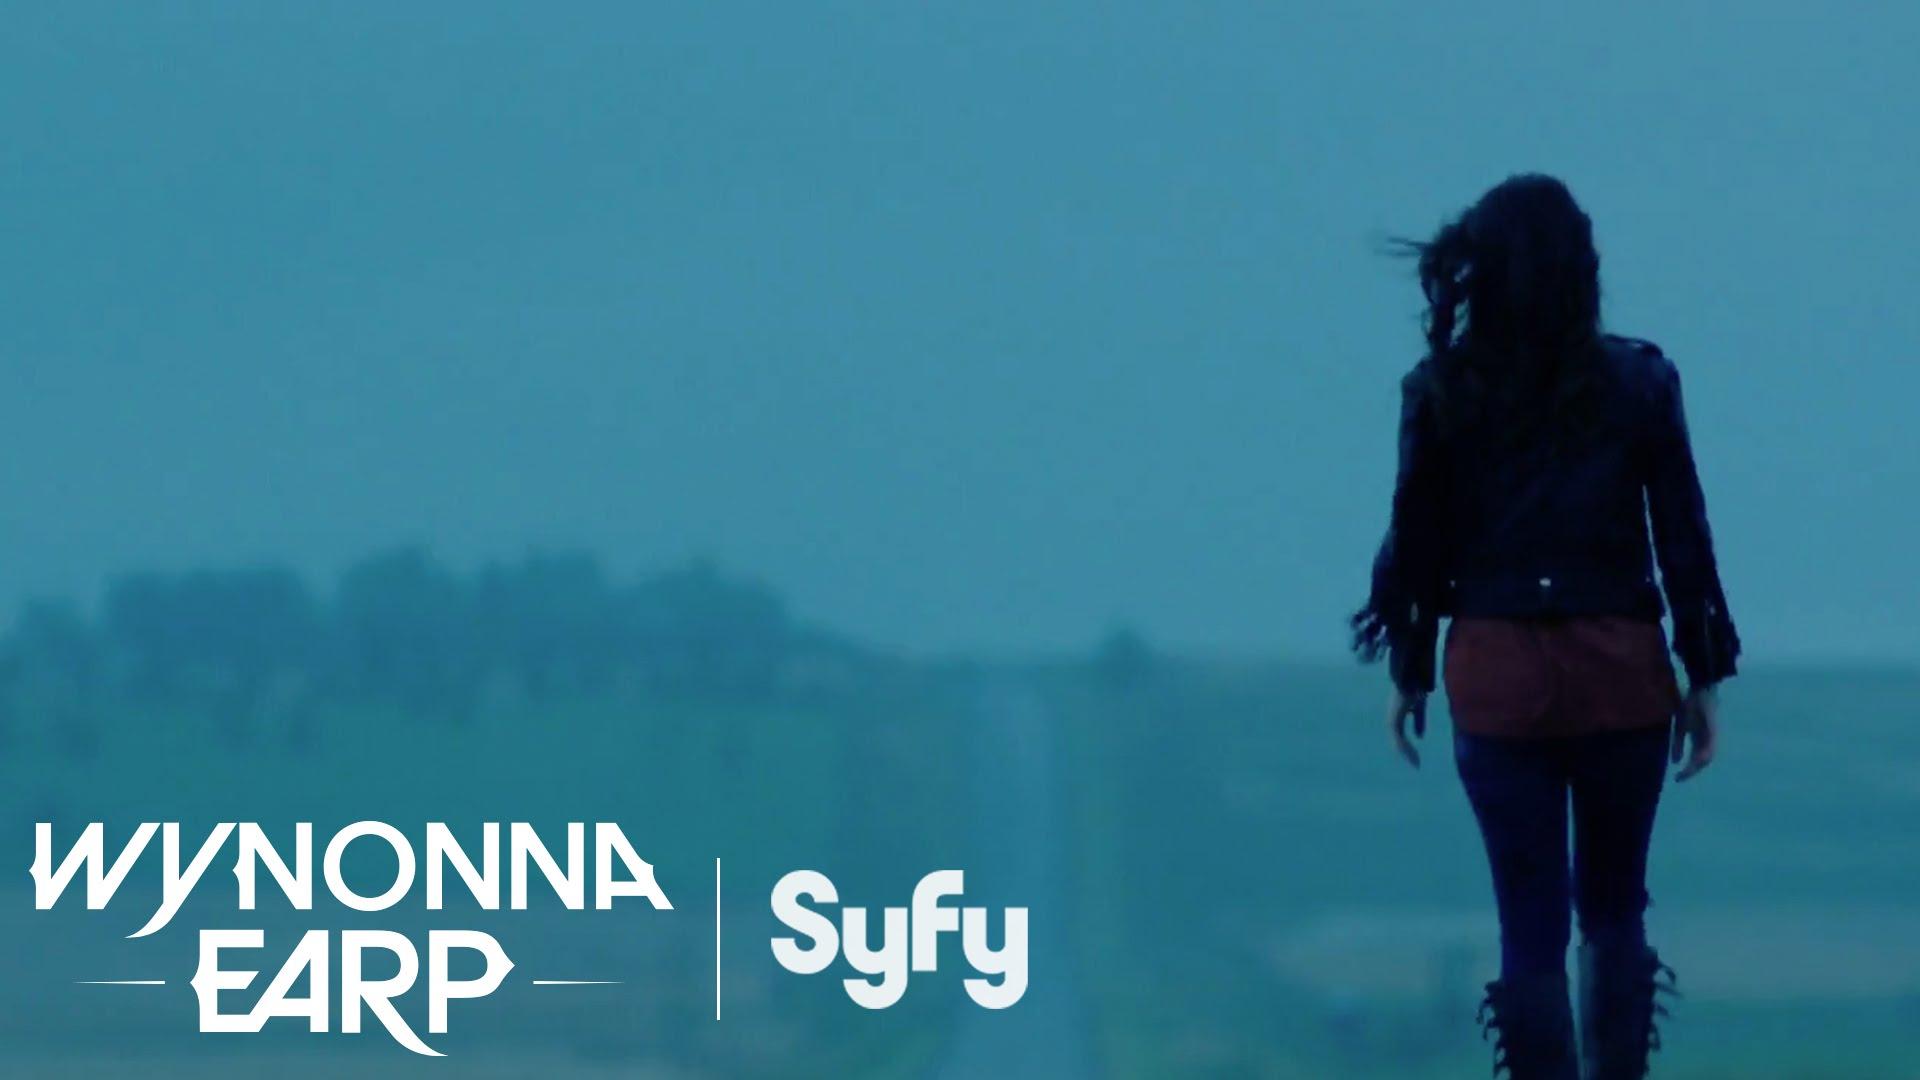 """""""Wynona Earp"""" sieht immer noch total nach """"Supernatural"""" aus, aber das ist voll okay"""